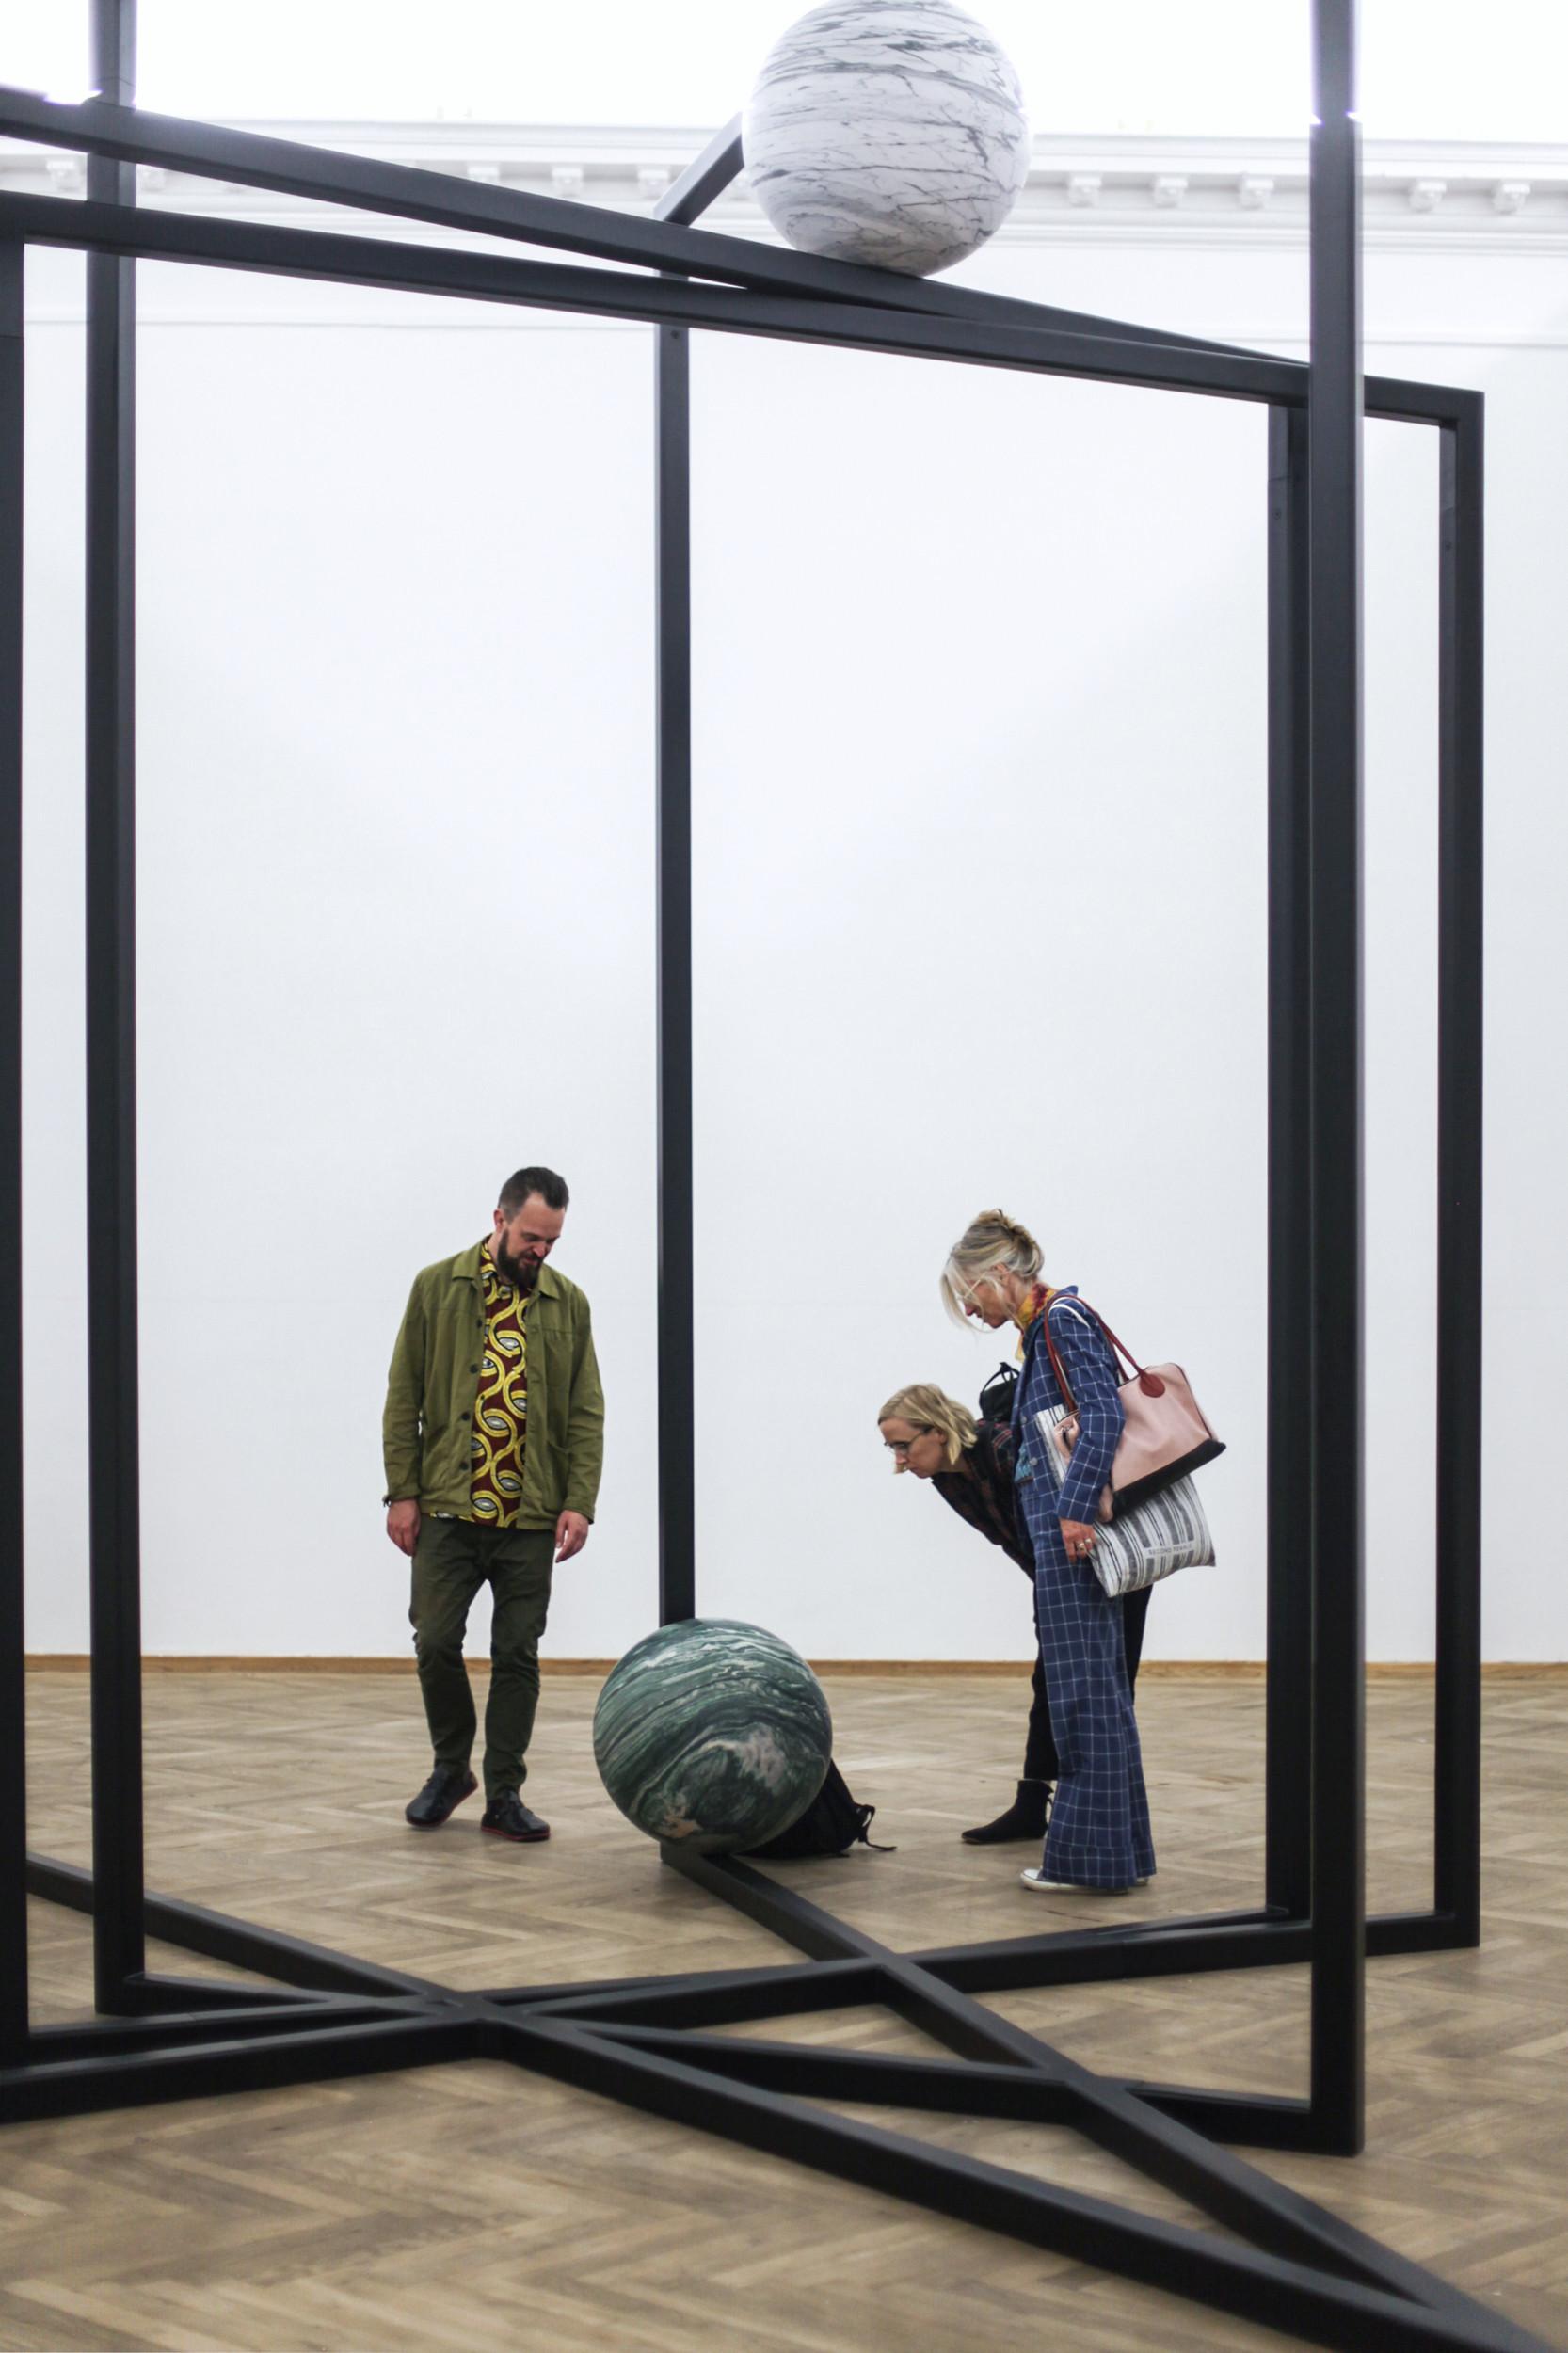 vilde livsdatter_exhibitions-0726.jpg